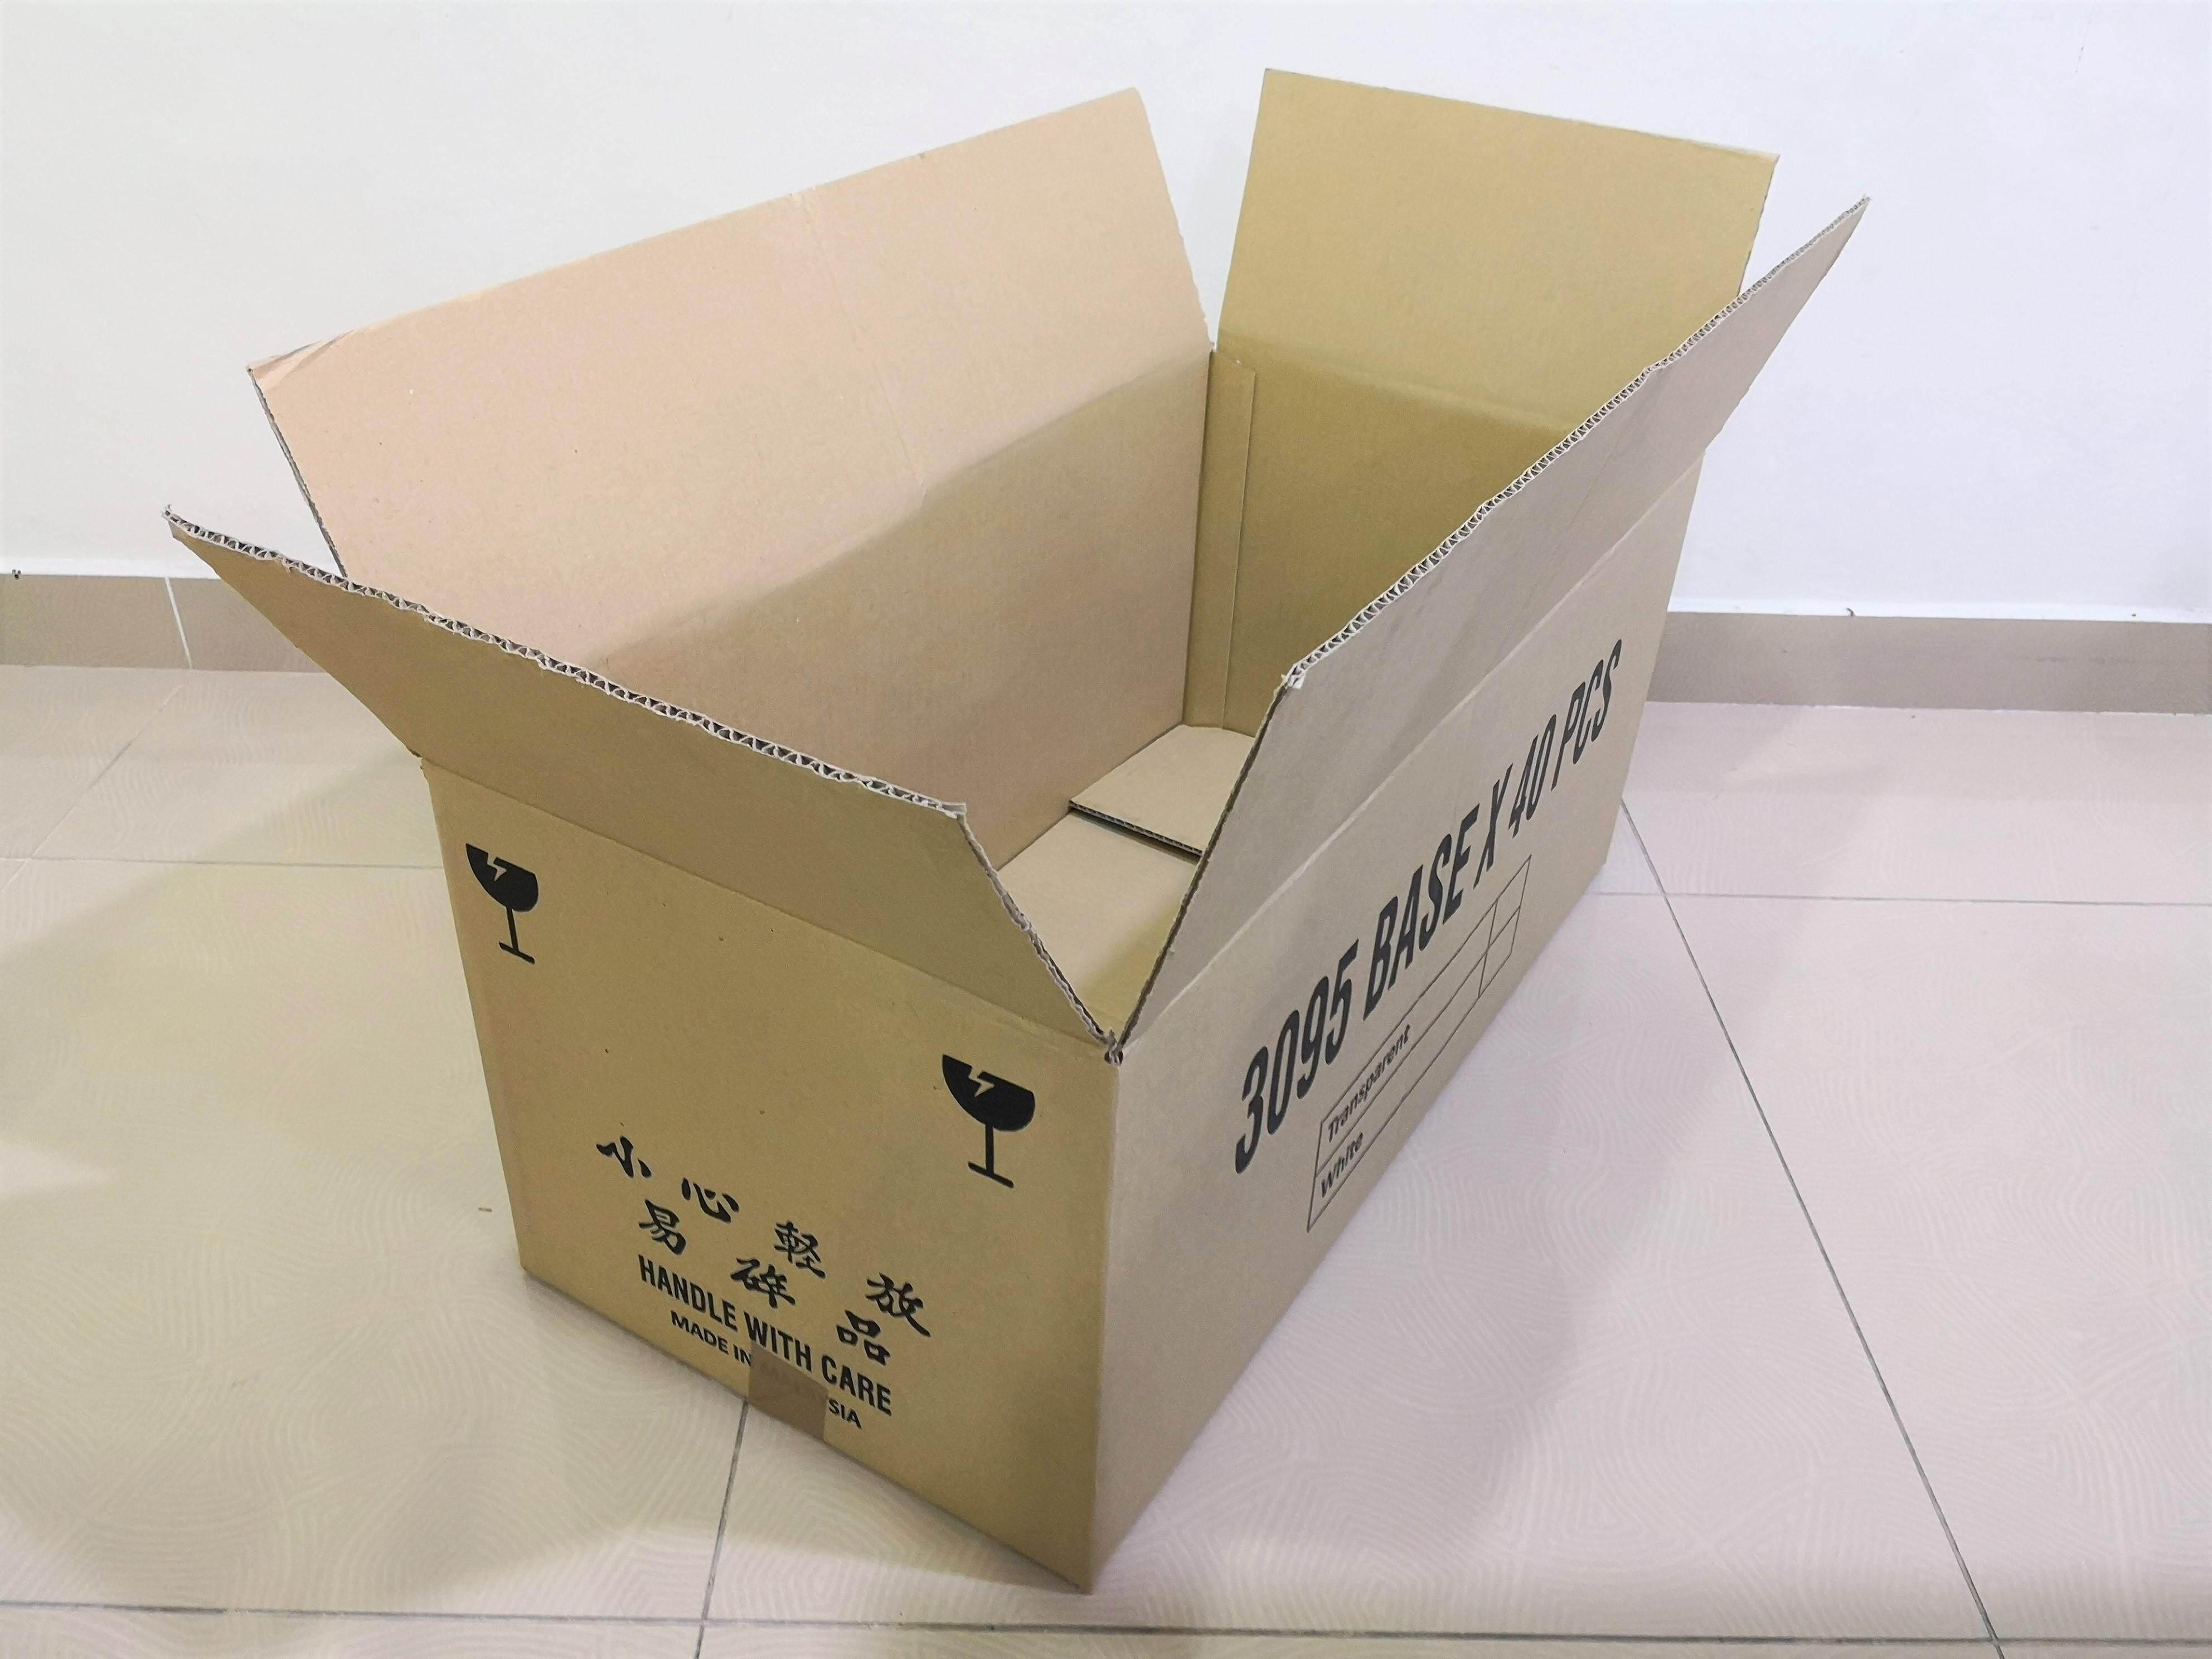 5pcs Printed Carton Boxes (L731 X W367 X H327mm)